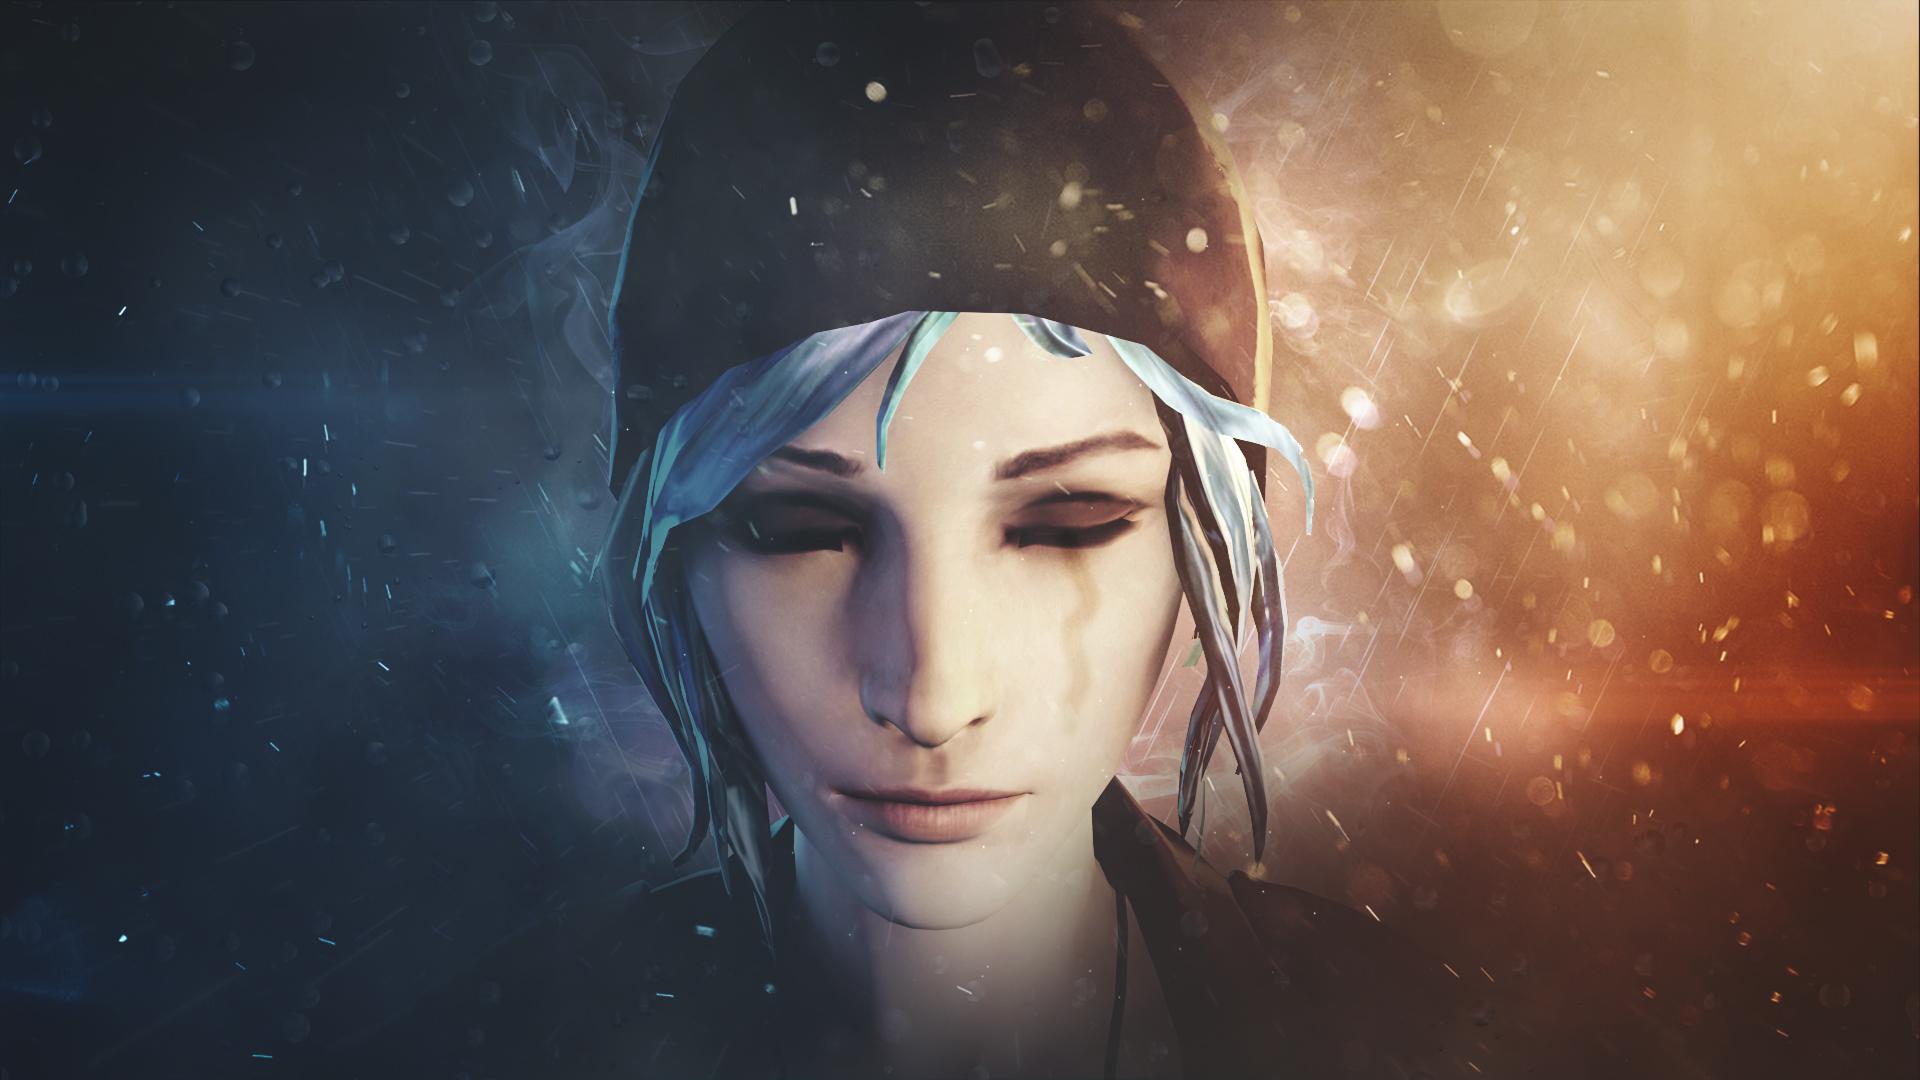 Life is strange Chloe background - Fallen [SFM]